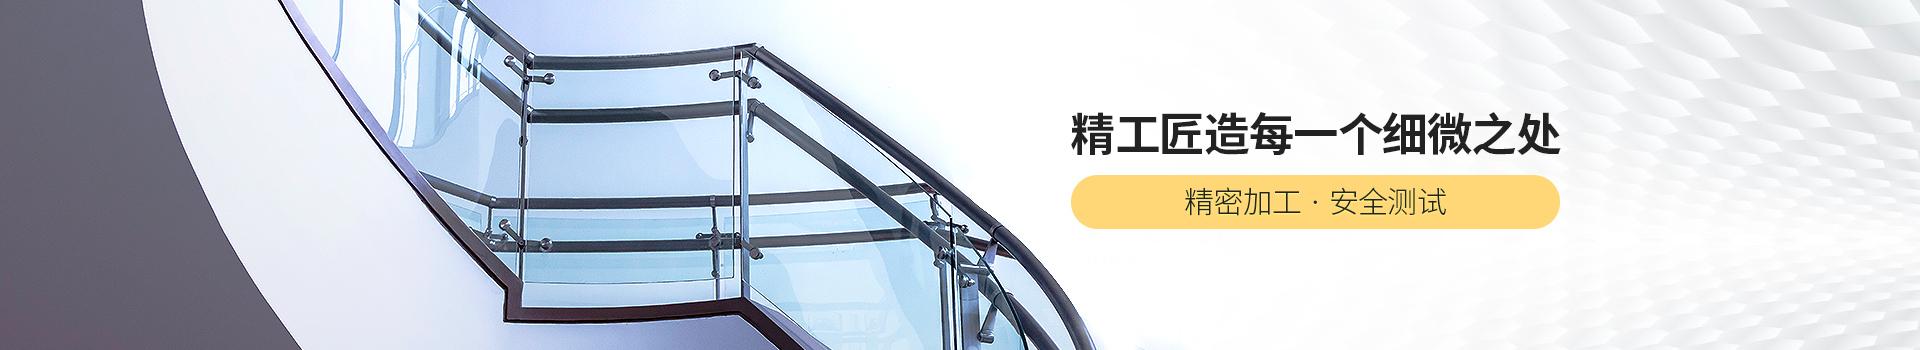 龙泰梯业-玻璃护栏